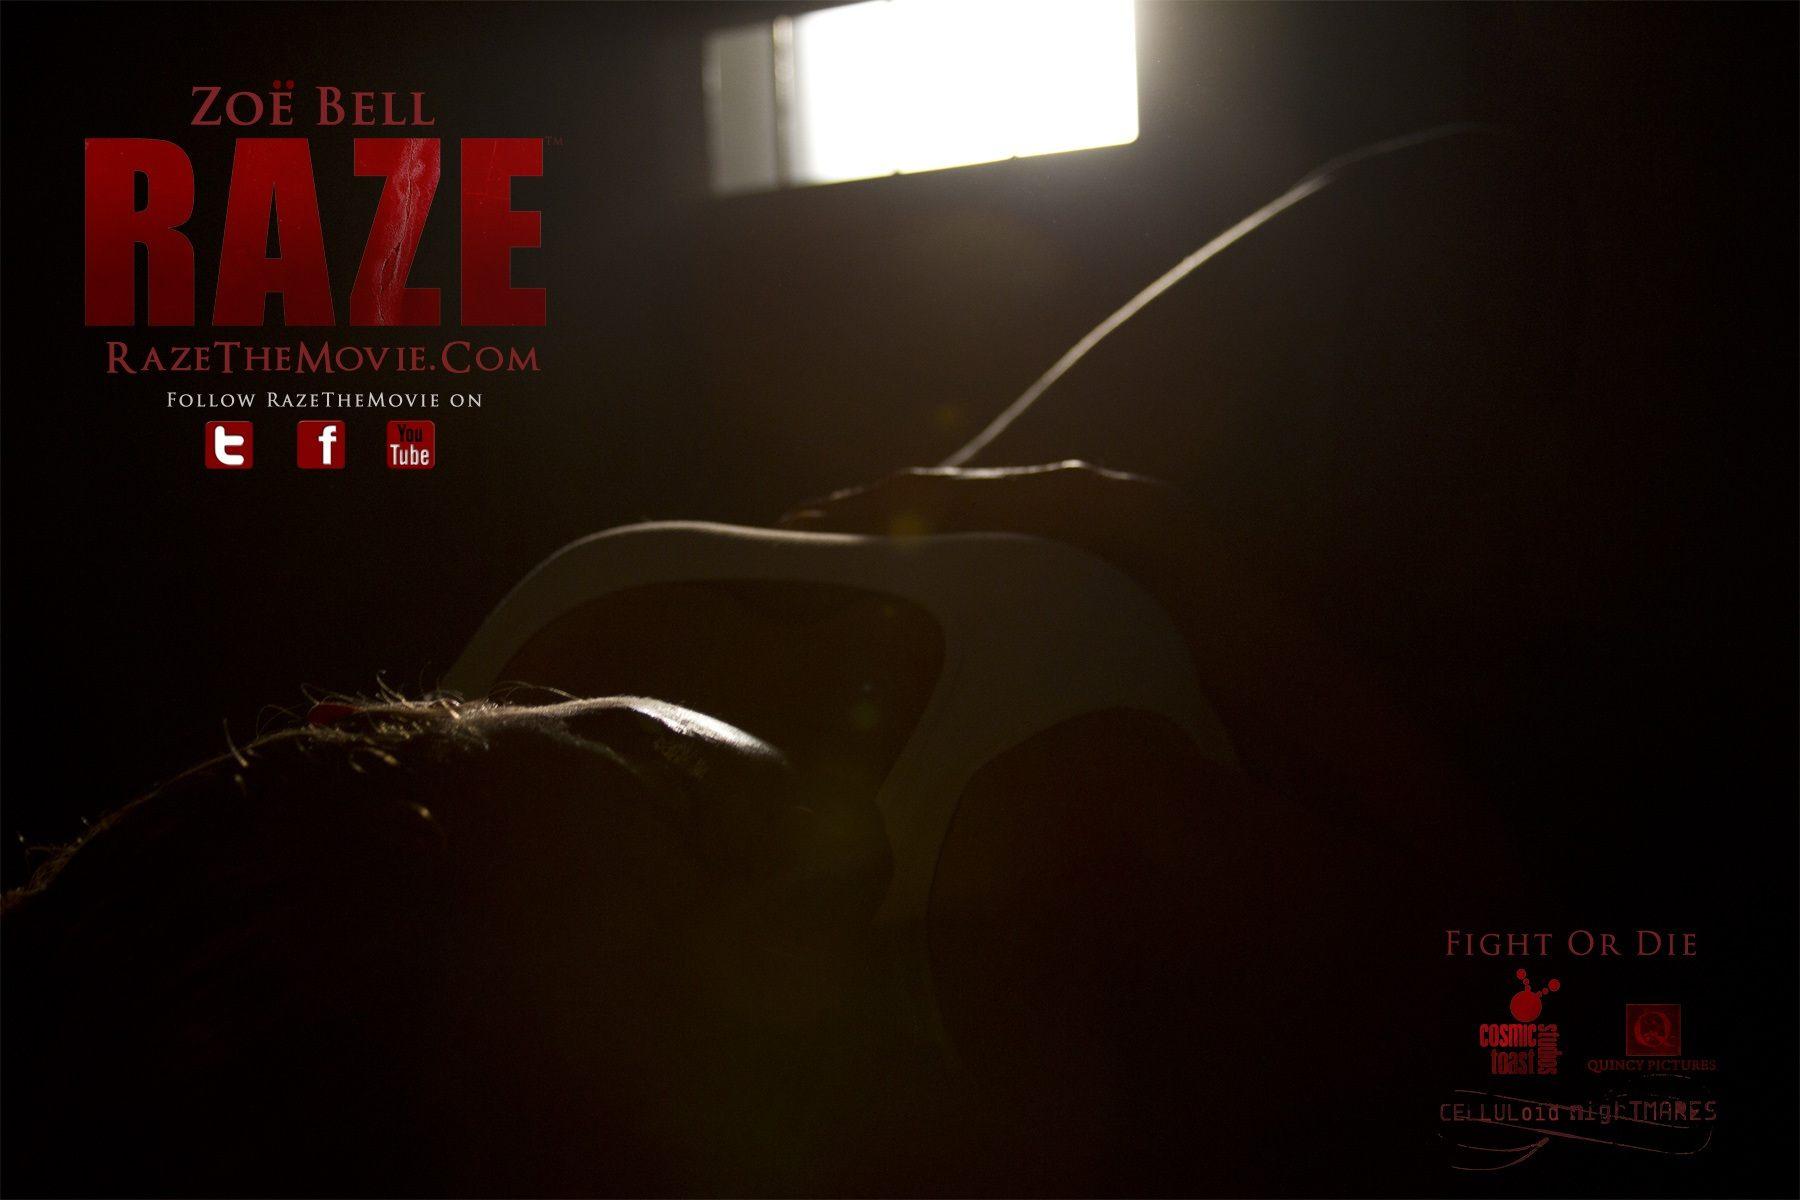 Zoe bell raze